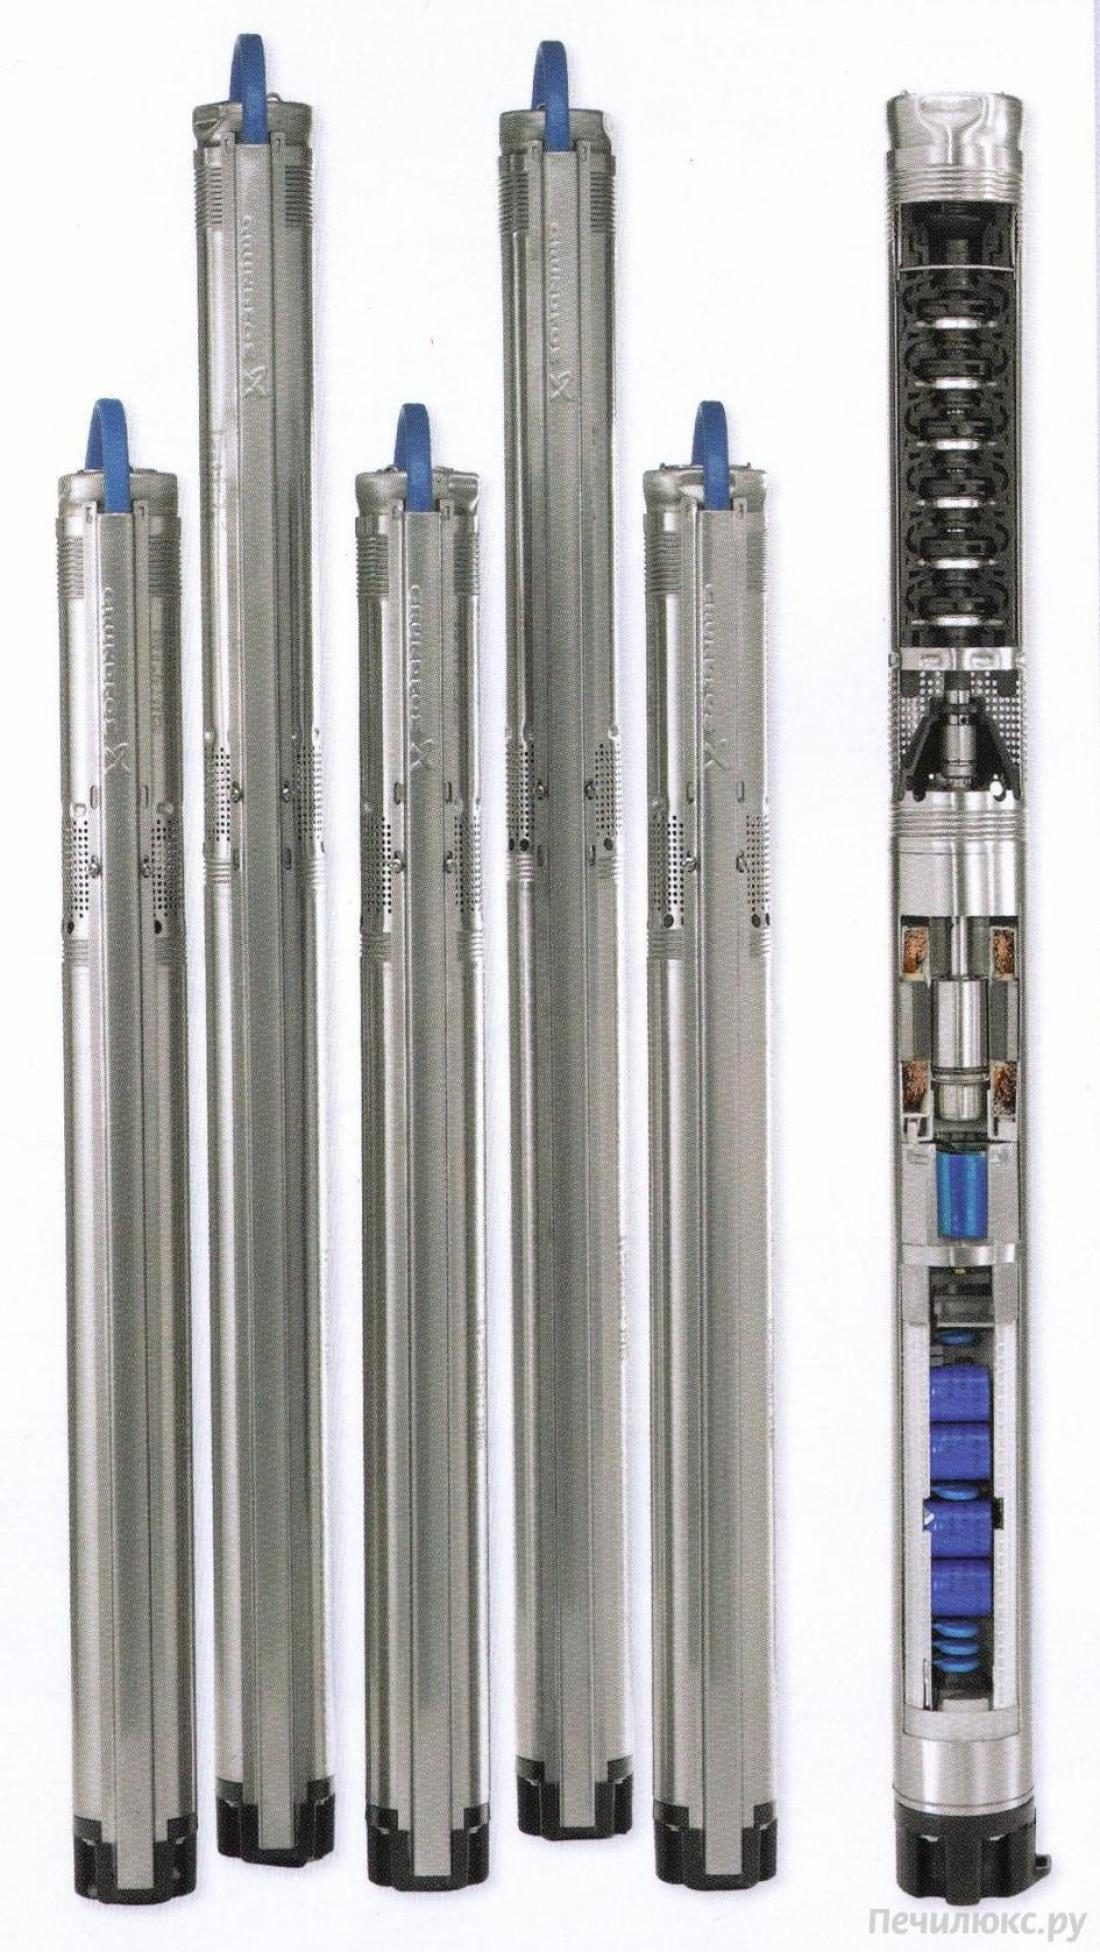 SQE 1- 80     1.15kW 200-240V 50/60Hz